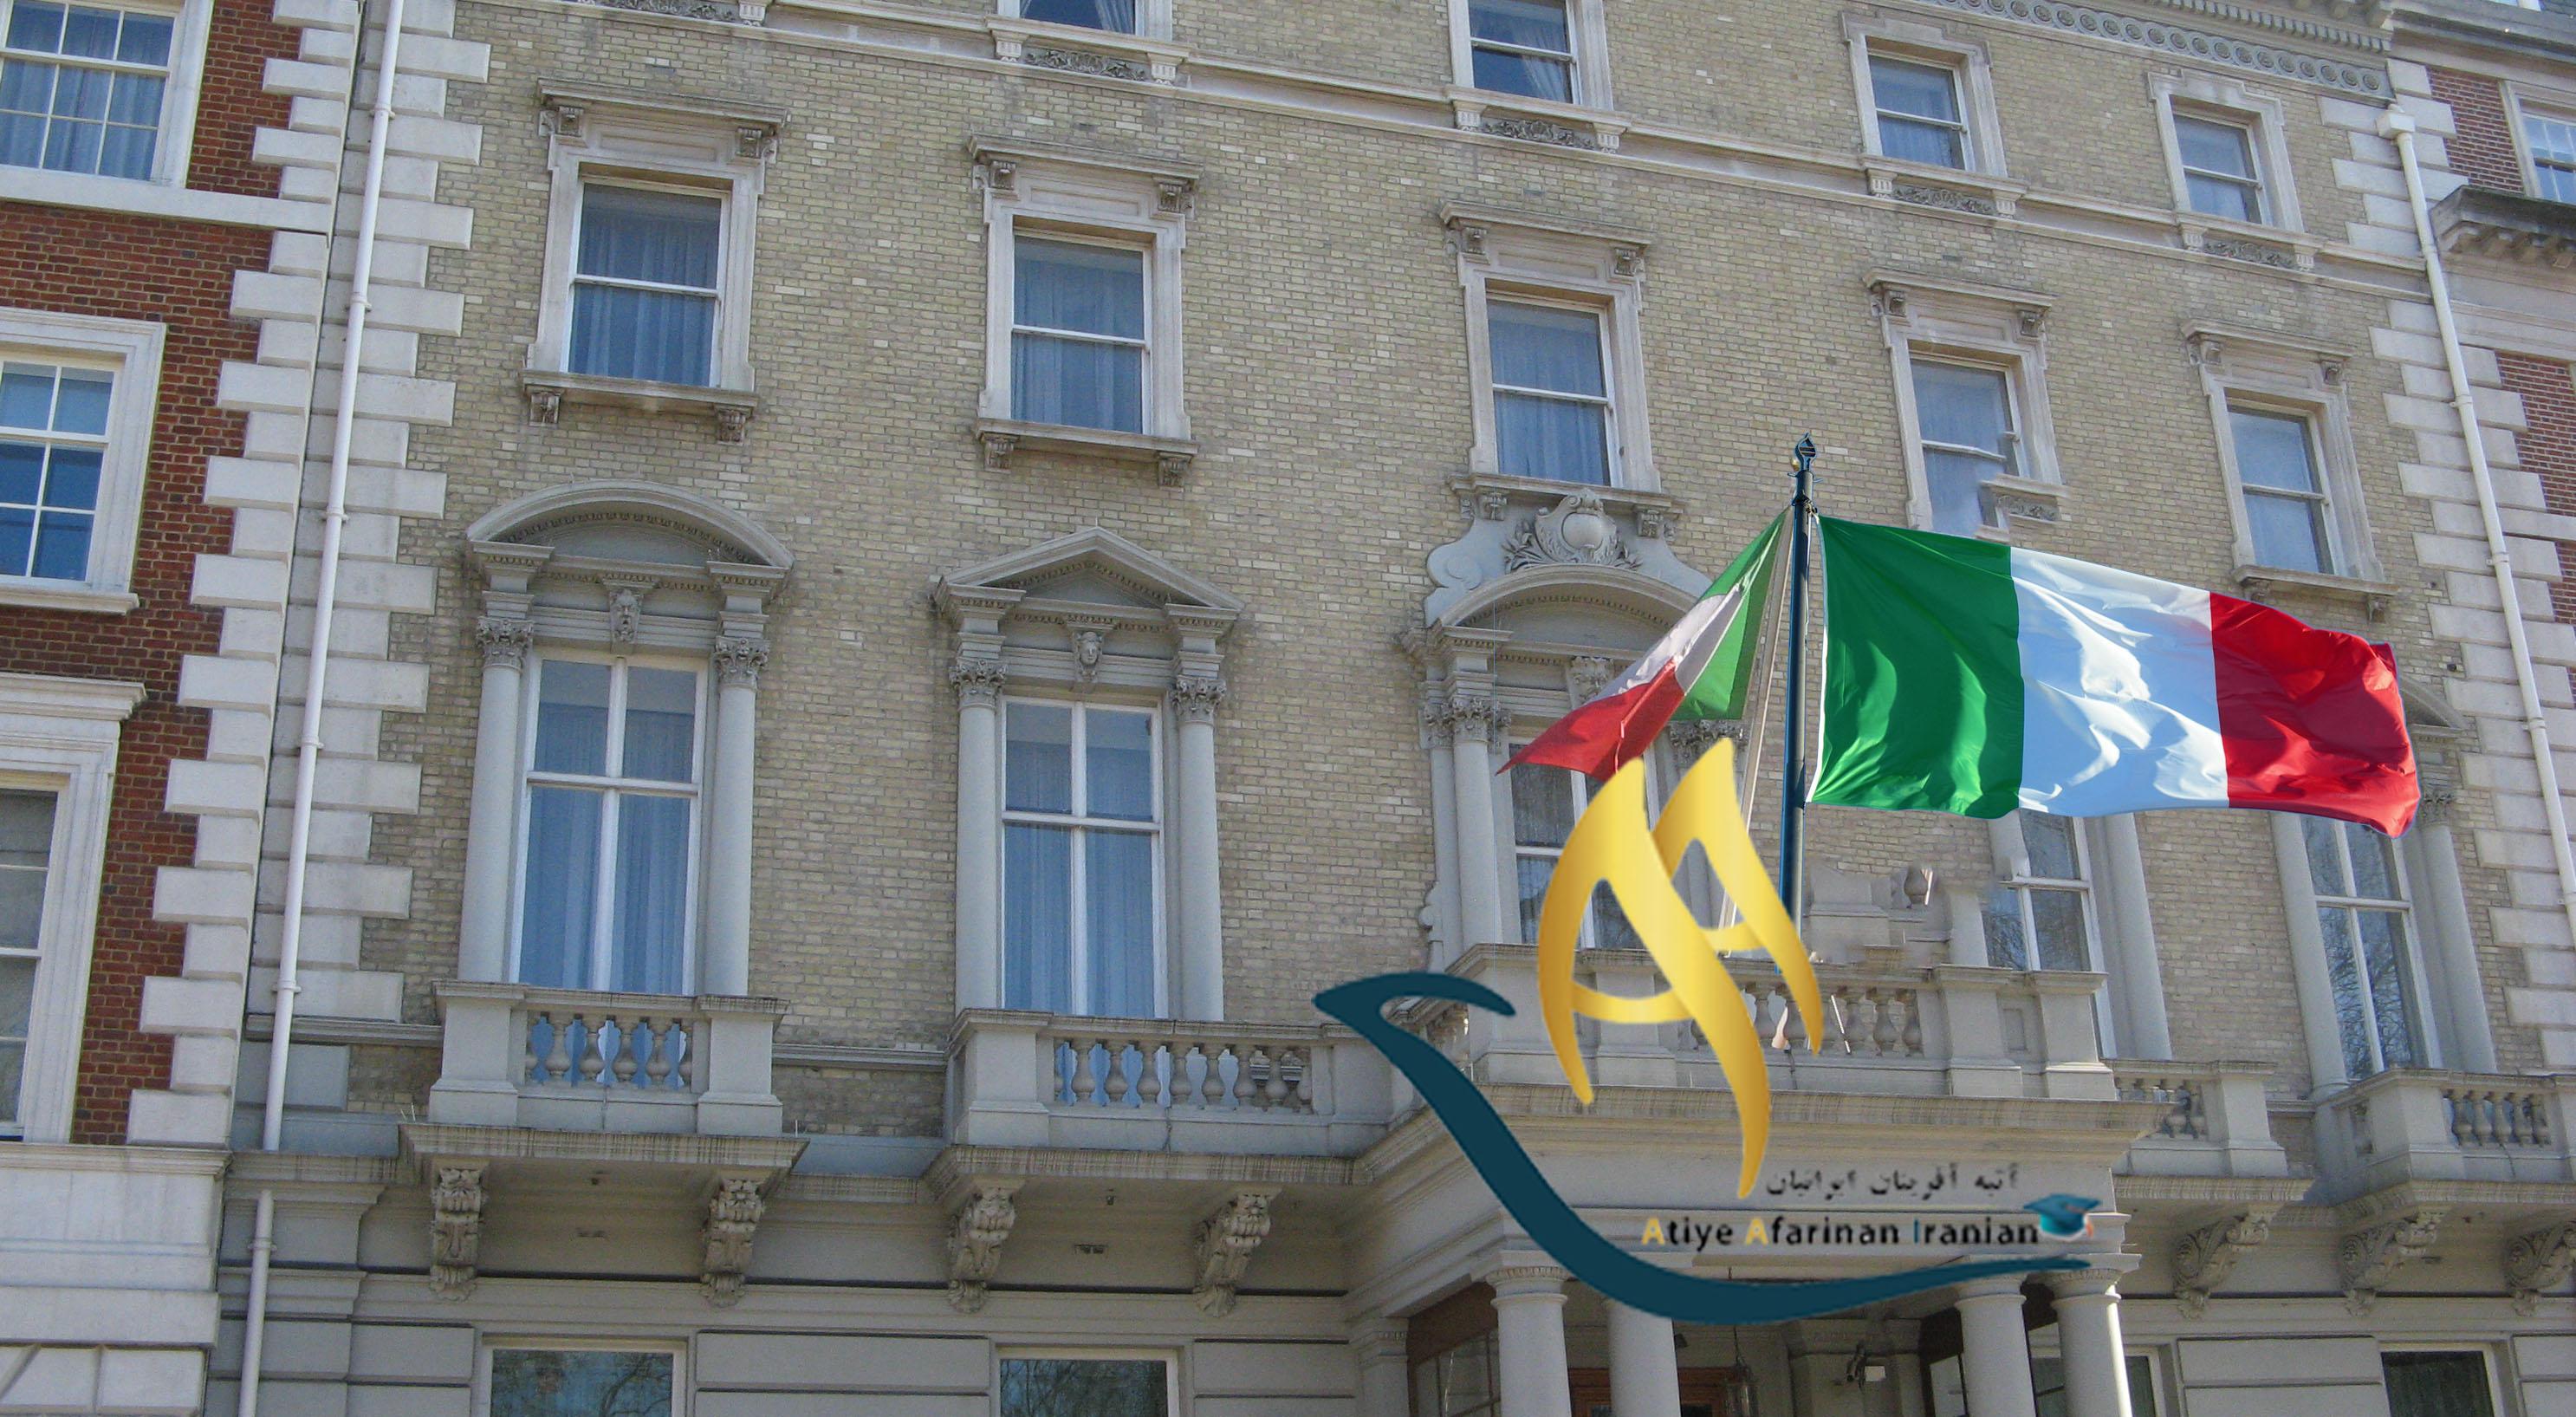 آشنایی با سفارت ایتالیا